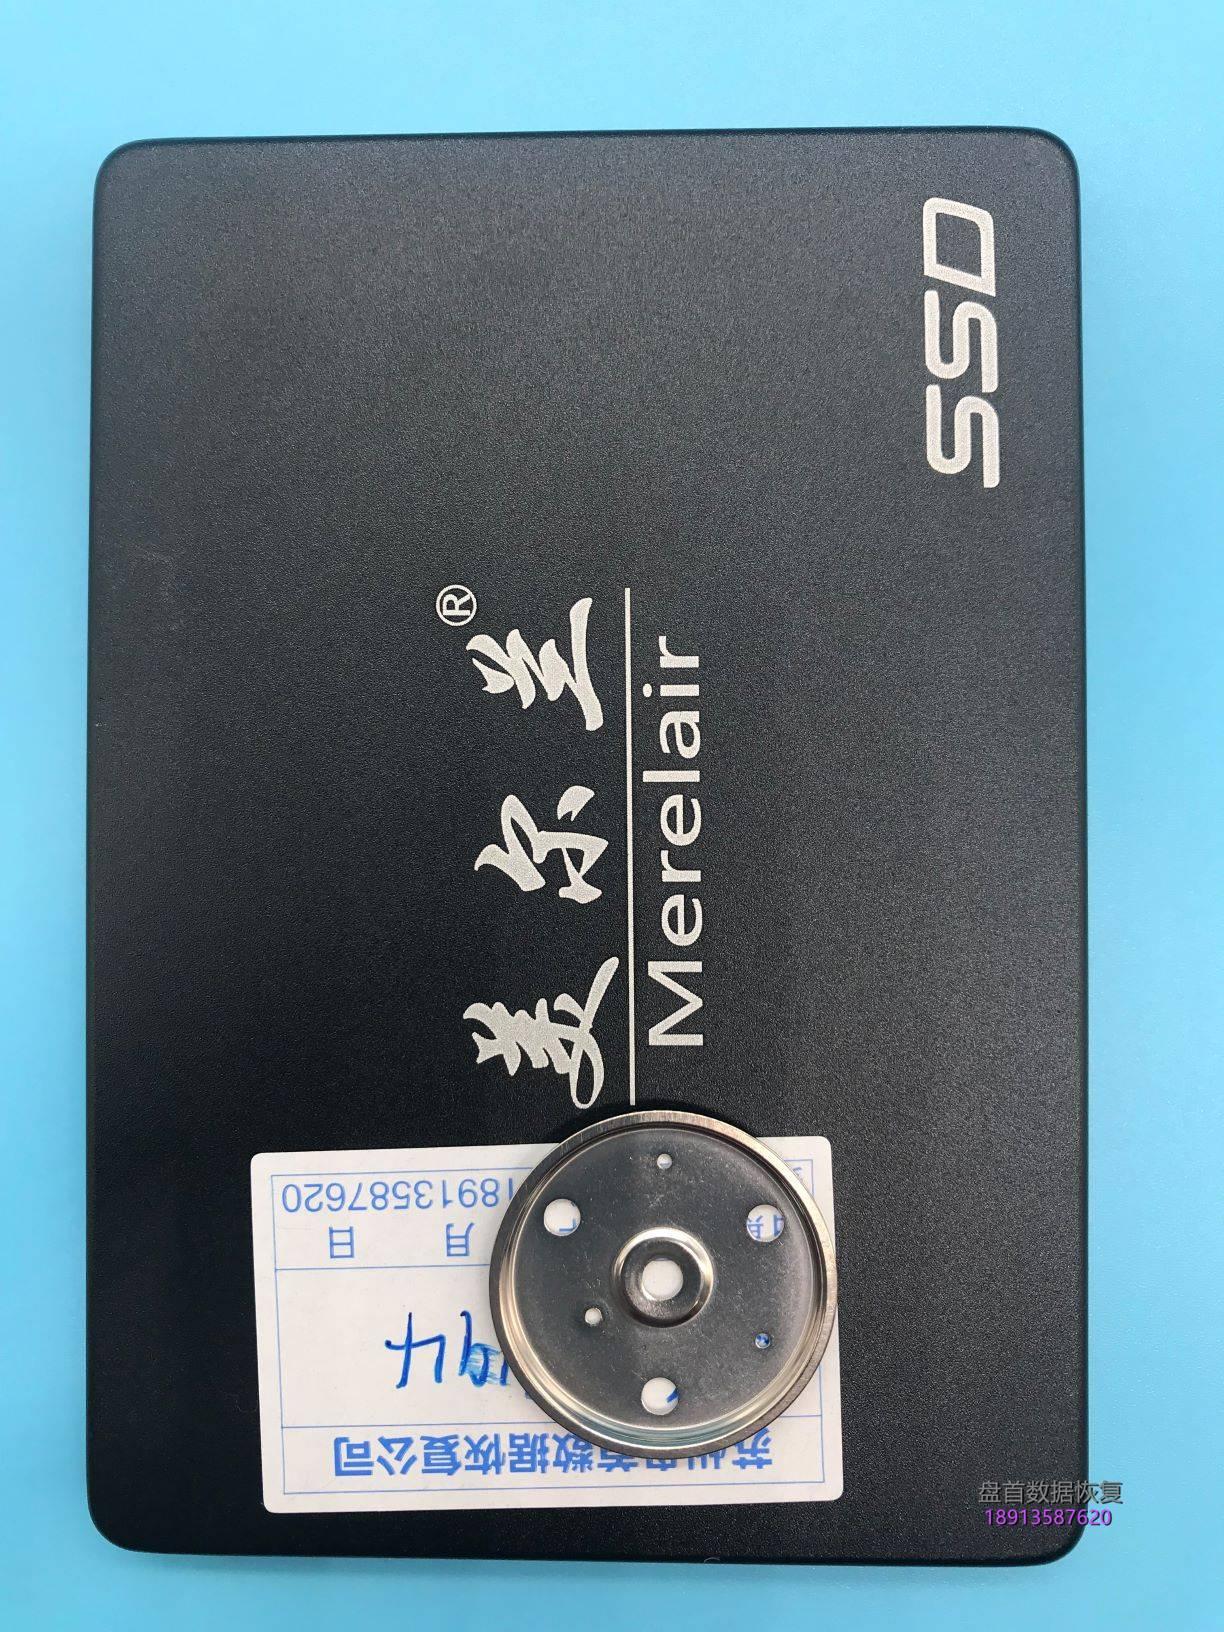 0-9 杂牌120GSSD固态硬盘无法读取数据SM2246XT无法识别信管飞进销存数据库完美恢复